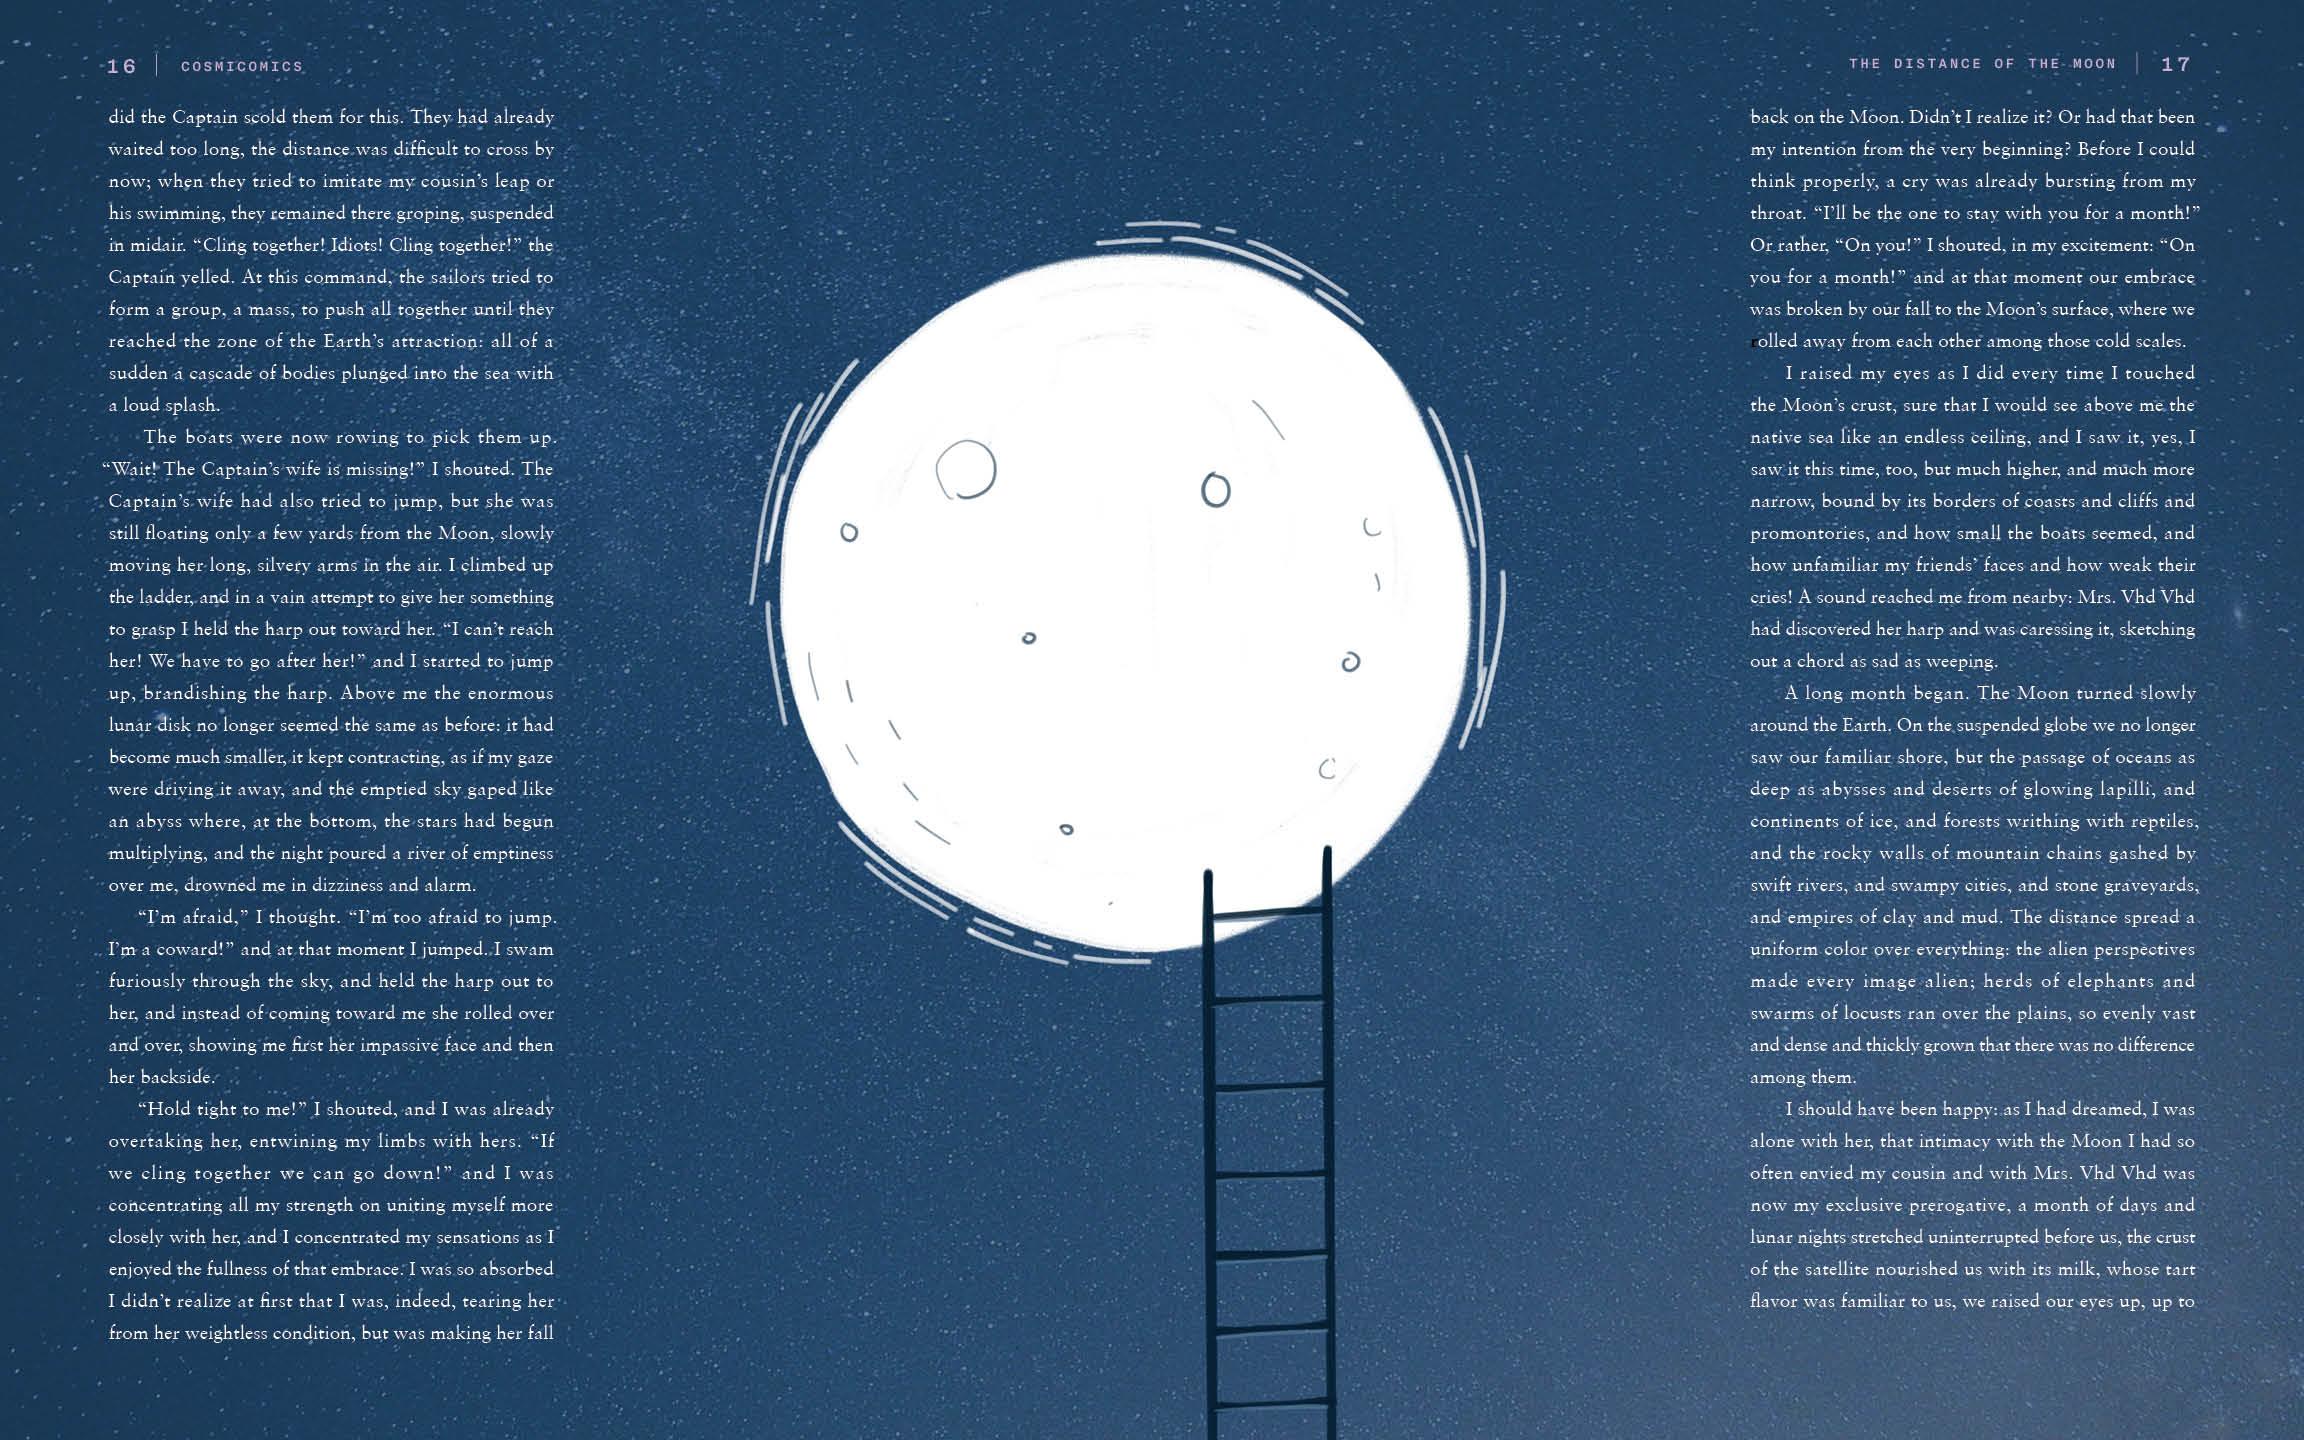 Cosmicomics_FINAL PRINT.49.jpg